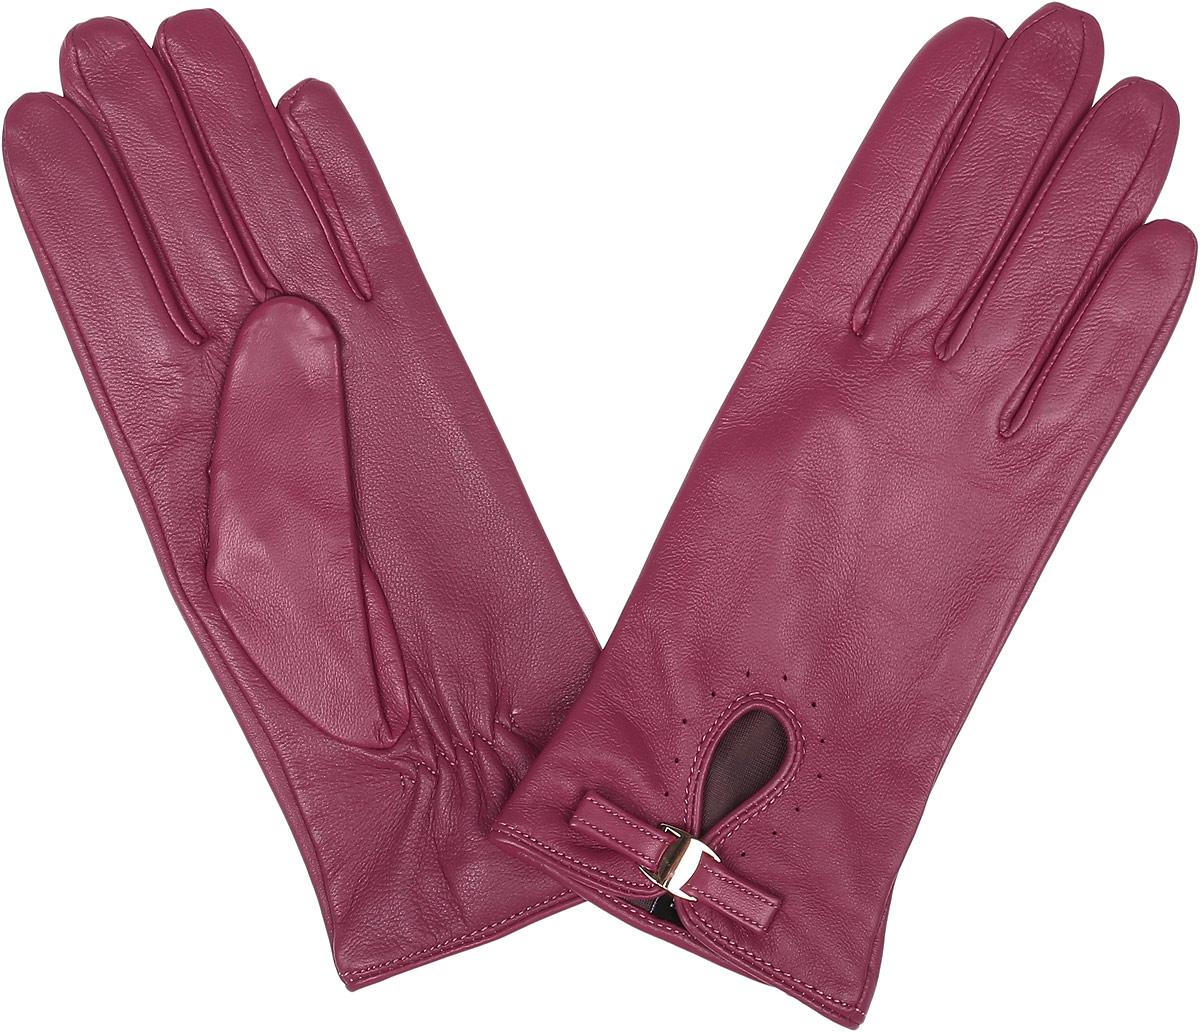 Перчатки женские Fabretti, цвет: фуксия. 12.23-24s. Размер 6,512.23-24s berryСтильные женские перчатки Fabretti не только защитят ваши руки, но и станут великолепным украшением. Перчатки выполнены из натуральной кожи ягненка, а их подкладка - из высококачественного шелка.Модель дополнена небольшой прорезью, оформленной металлической пластиной и кожаным хлястиком. Строчки-стежки на запястье придают перчаткам динамичное настроение. Стильный аксессуар для повседневного образа.